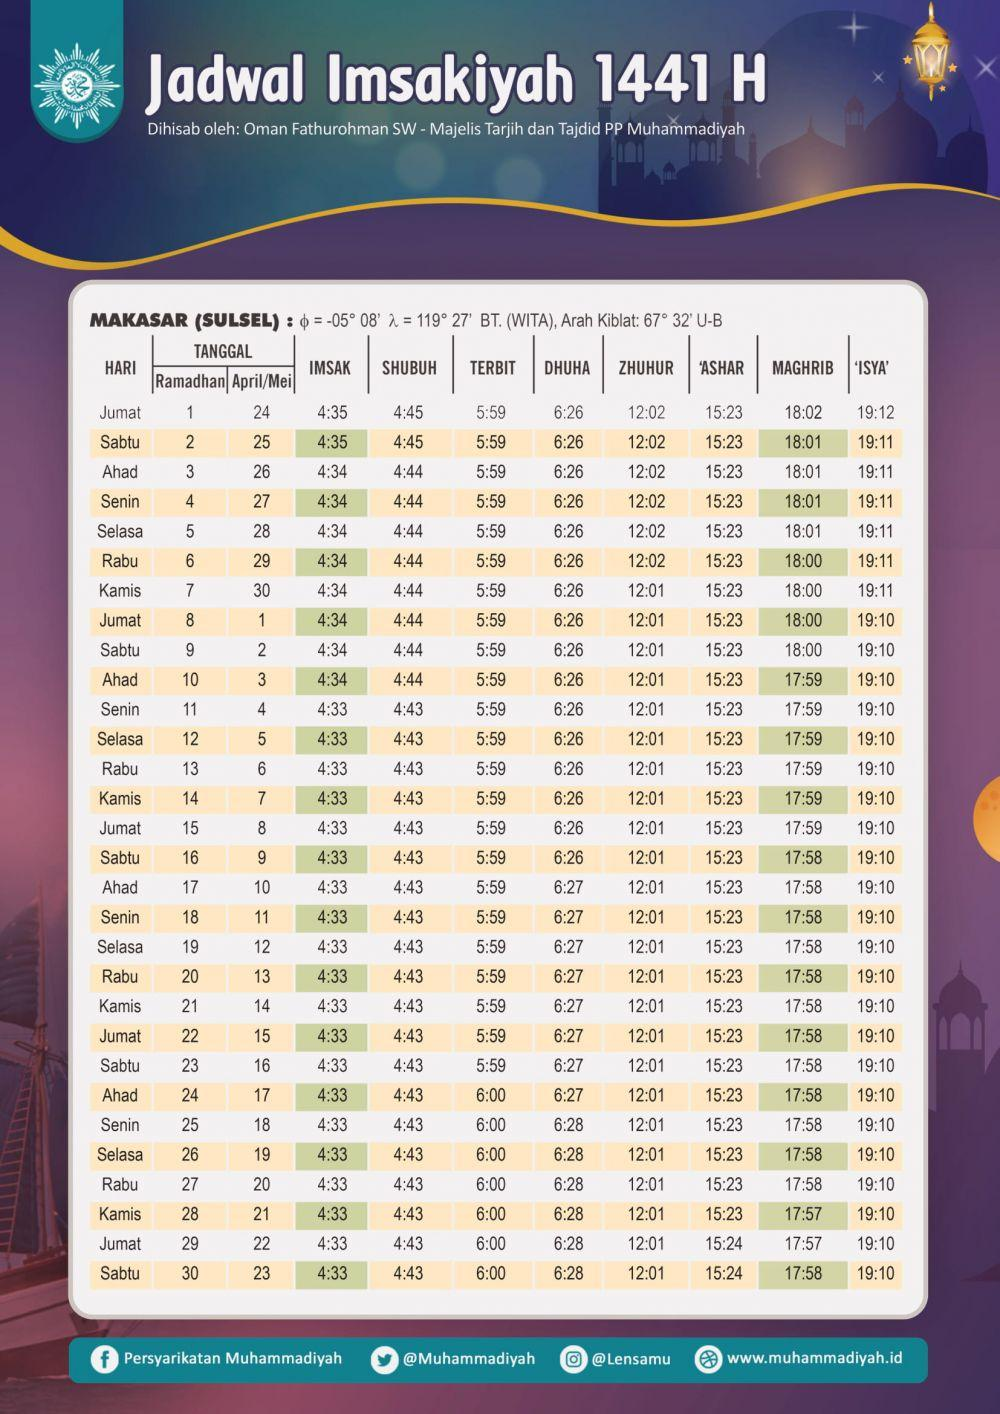 Jadwal Imsakiyah dan Buka Puasa Ramadan 1441 H/2020 M, Makassar